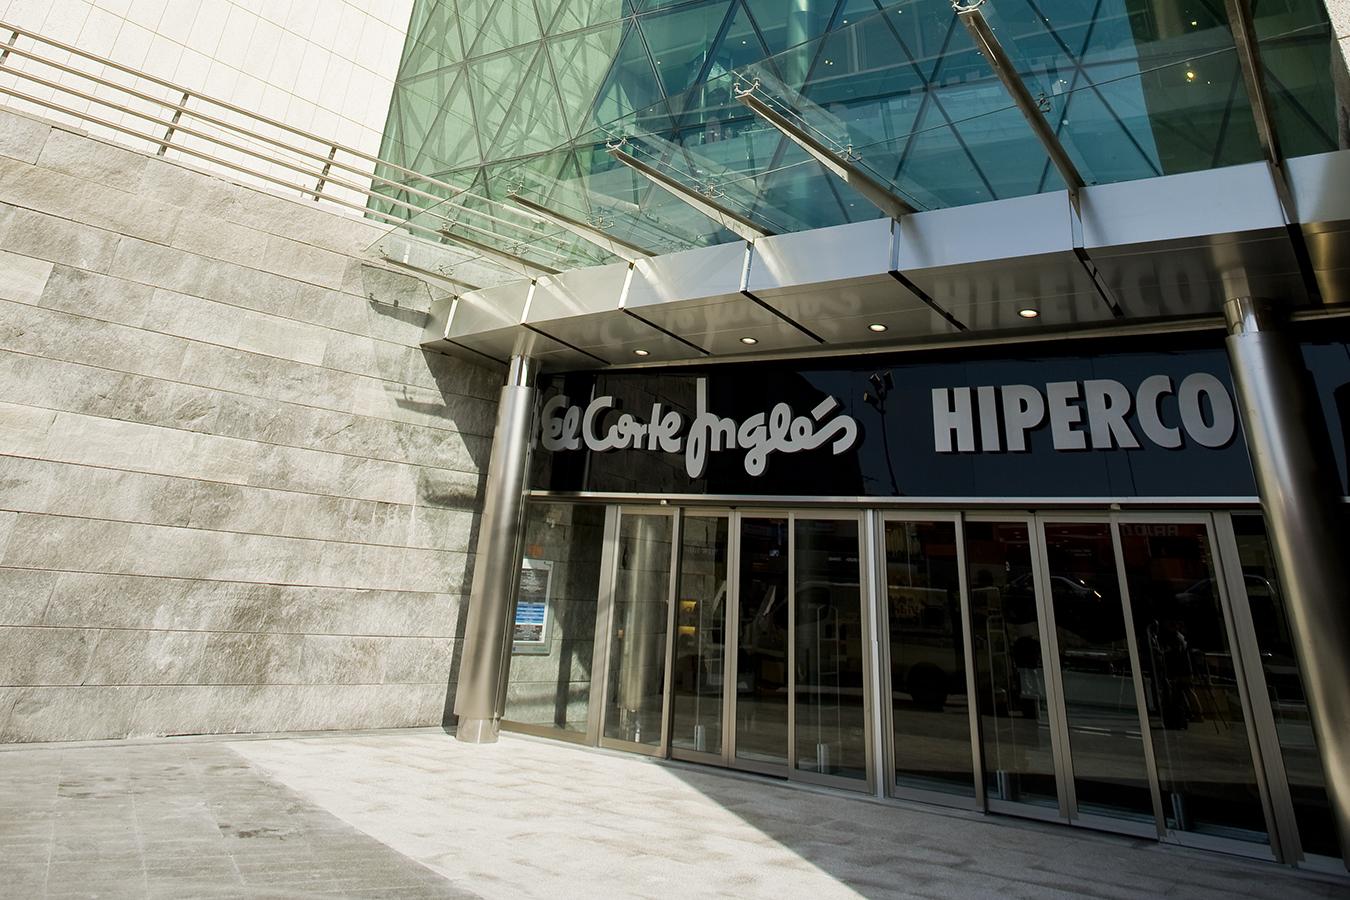 El Corte Inglés Hiperco Lisbon Portugal